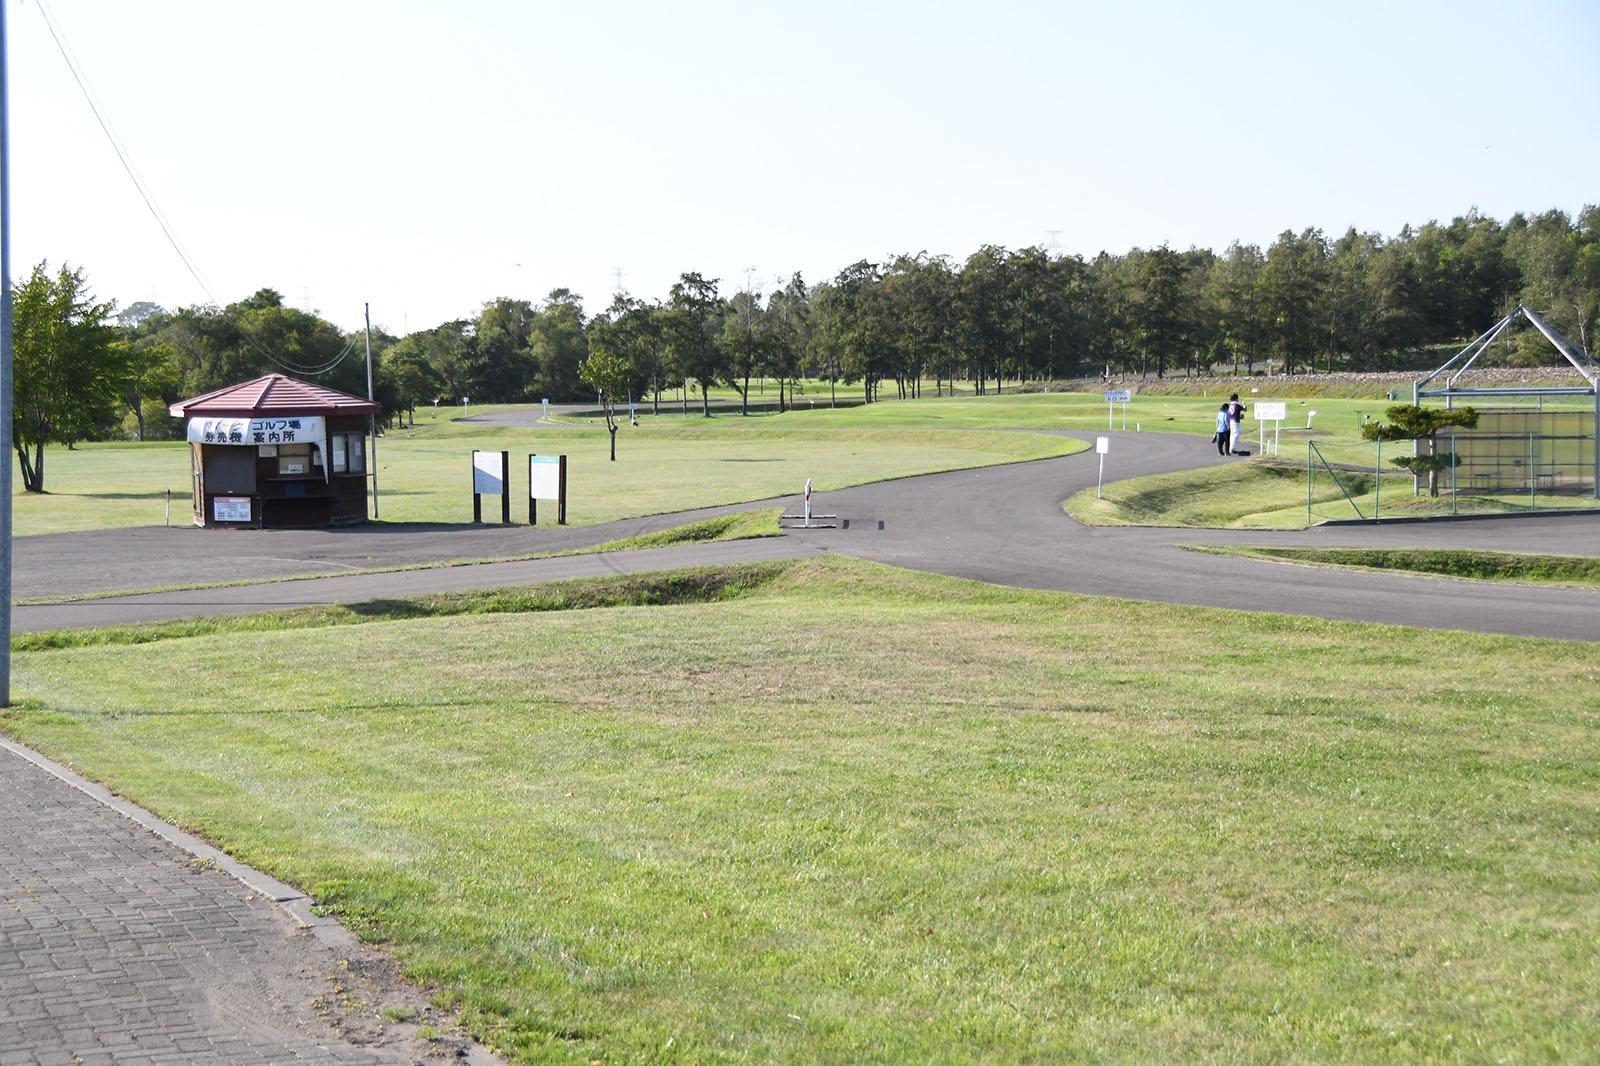 ながぬまコミュニティ公園パークゴルフ場